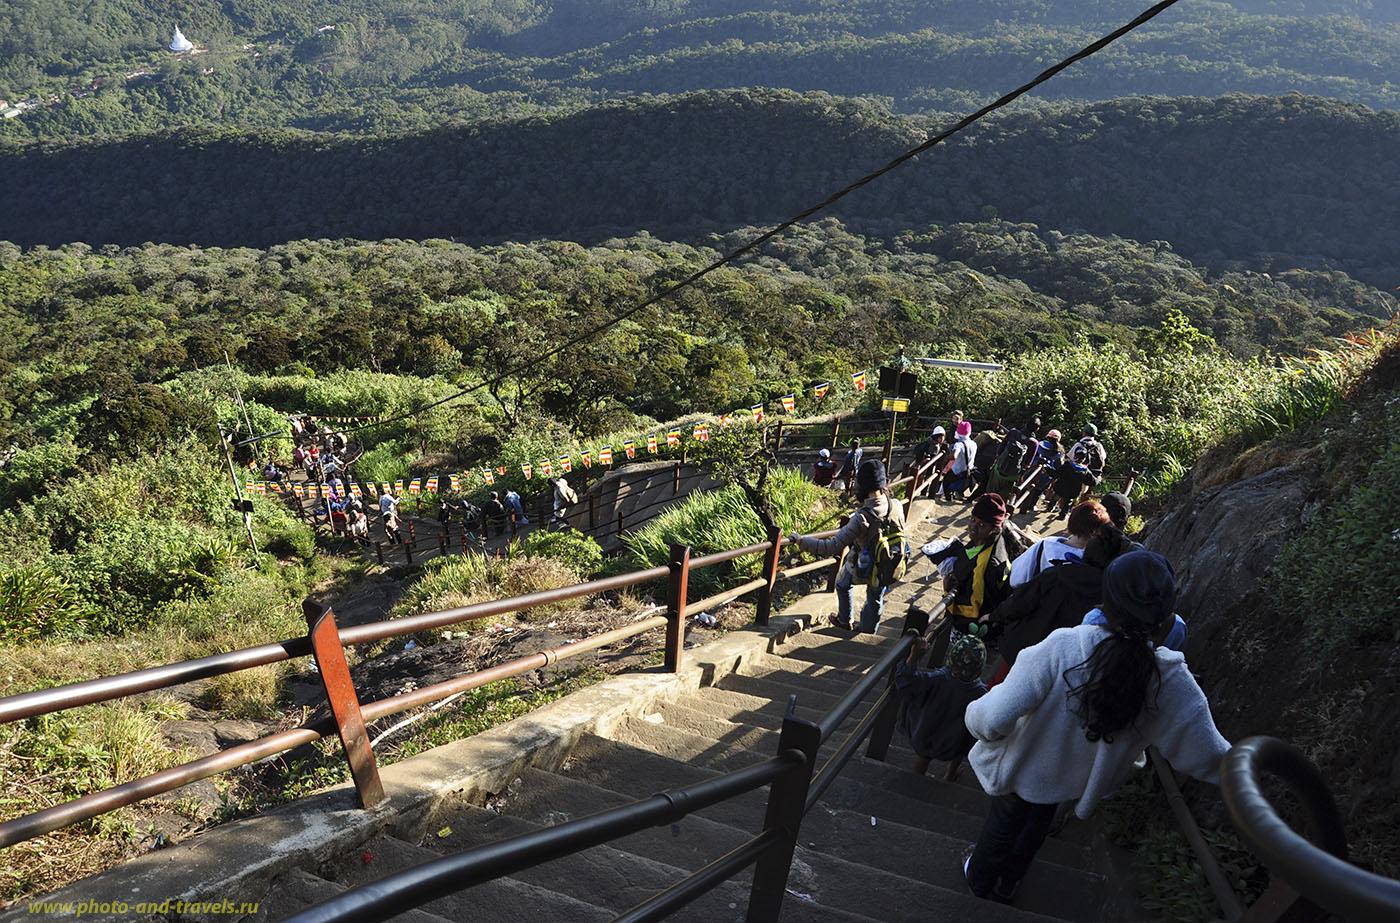 Фото №7. Шри-Ланка. Интересные места. Тропа на Adam's Peak и вниз с него кажется бесконечной.